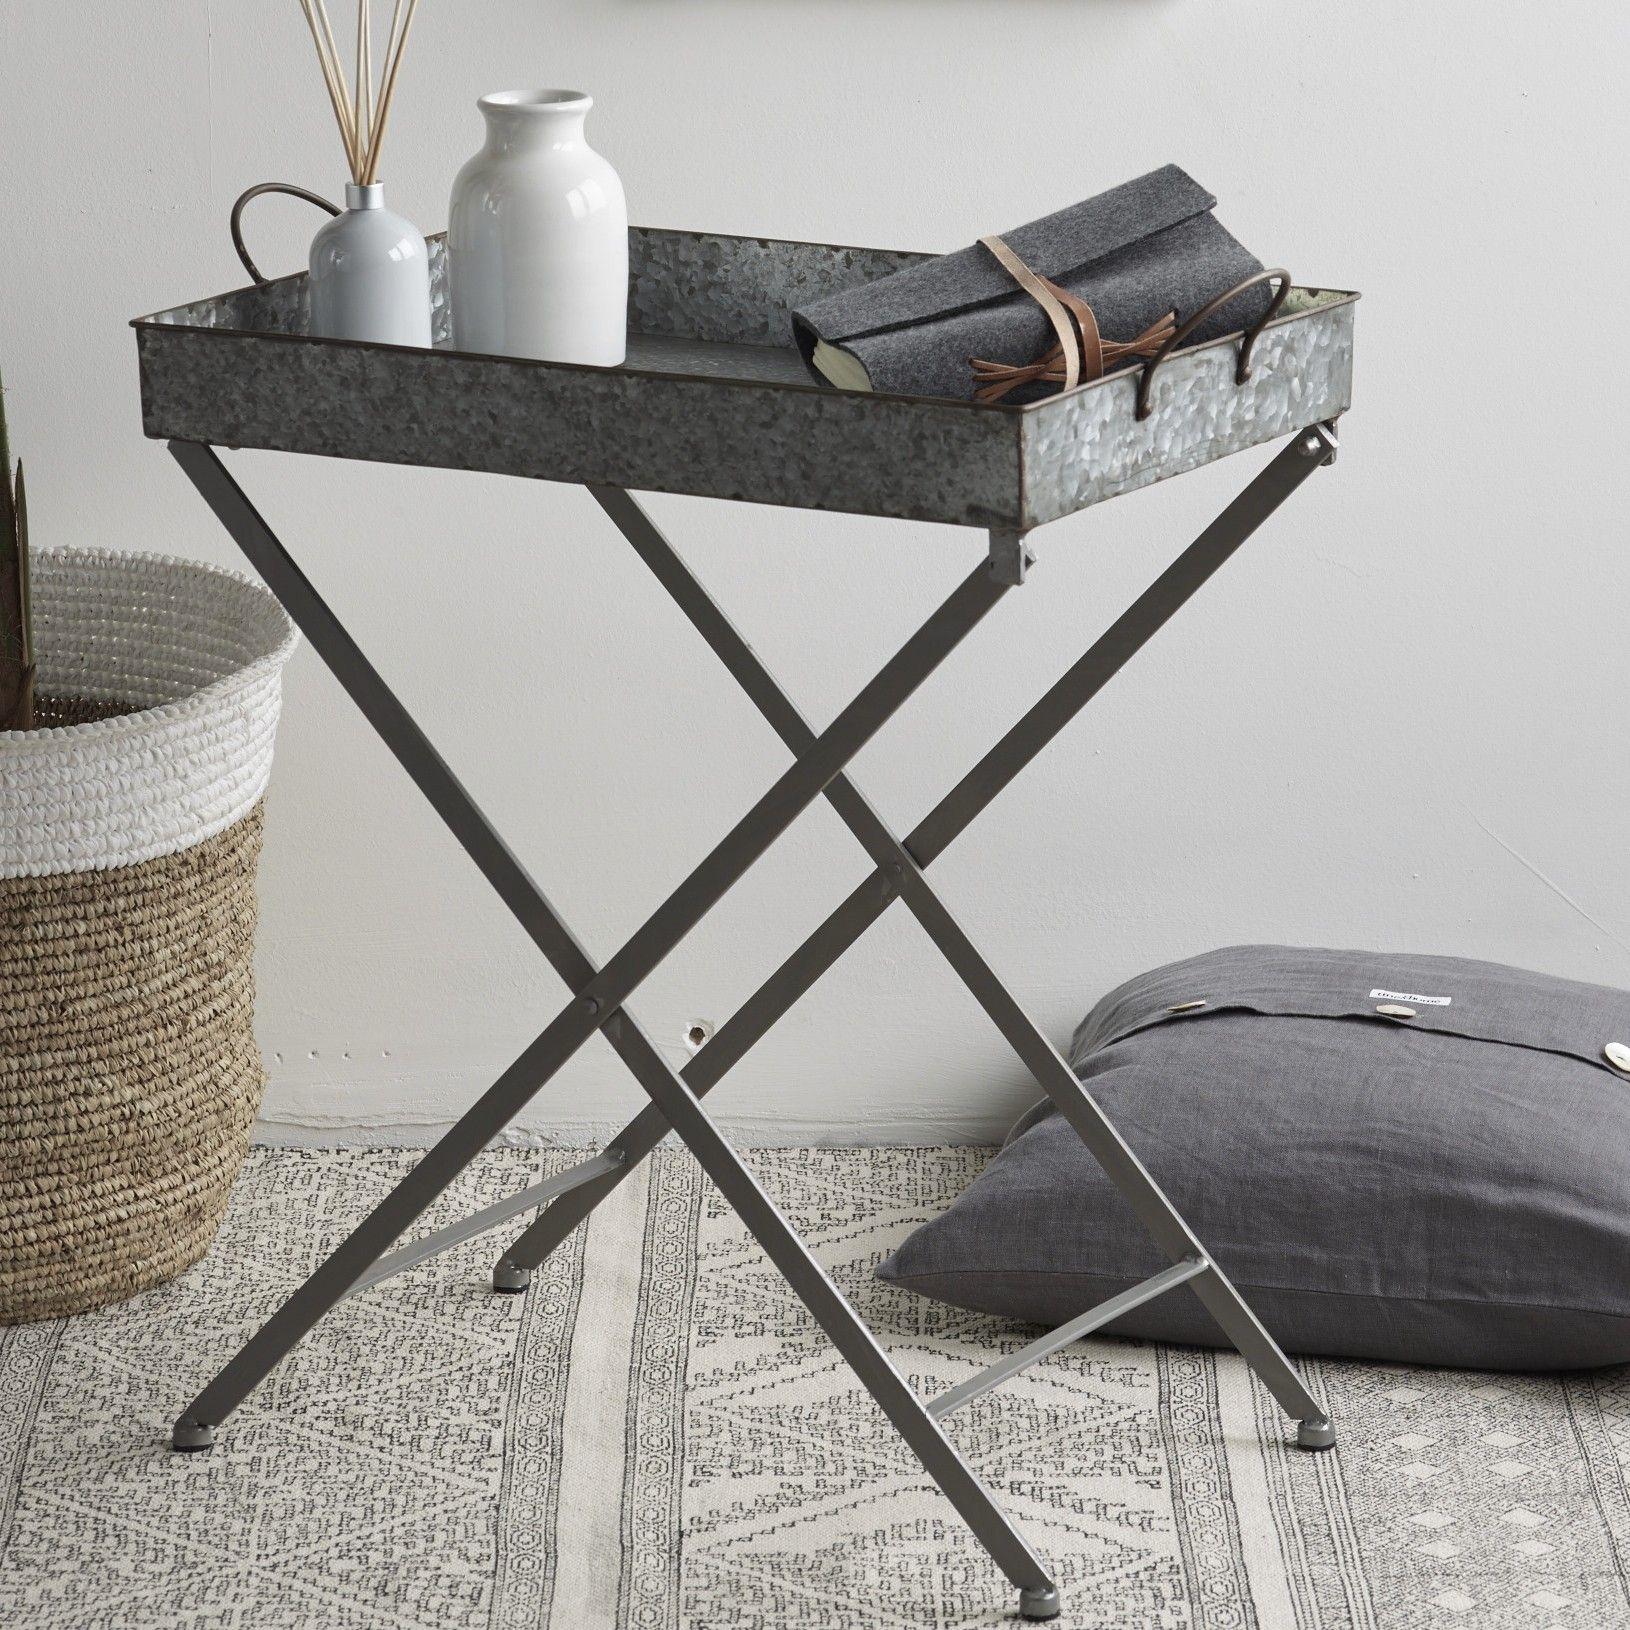 Design Vintage Zinc Tray Table Industrial